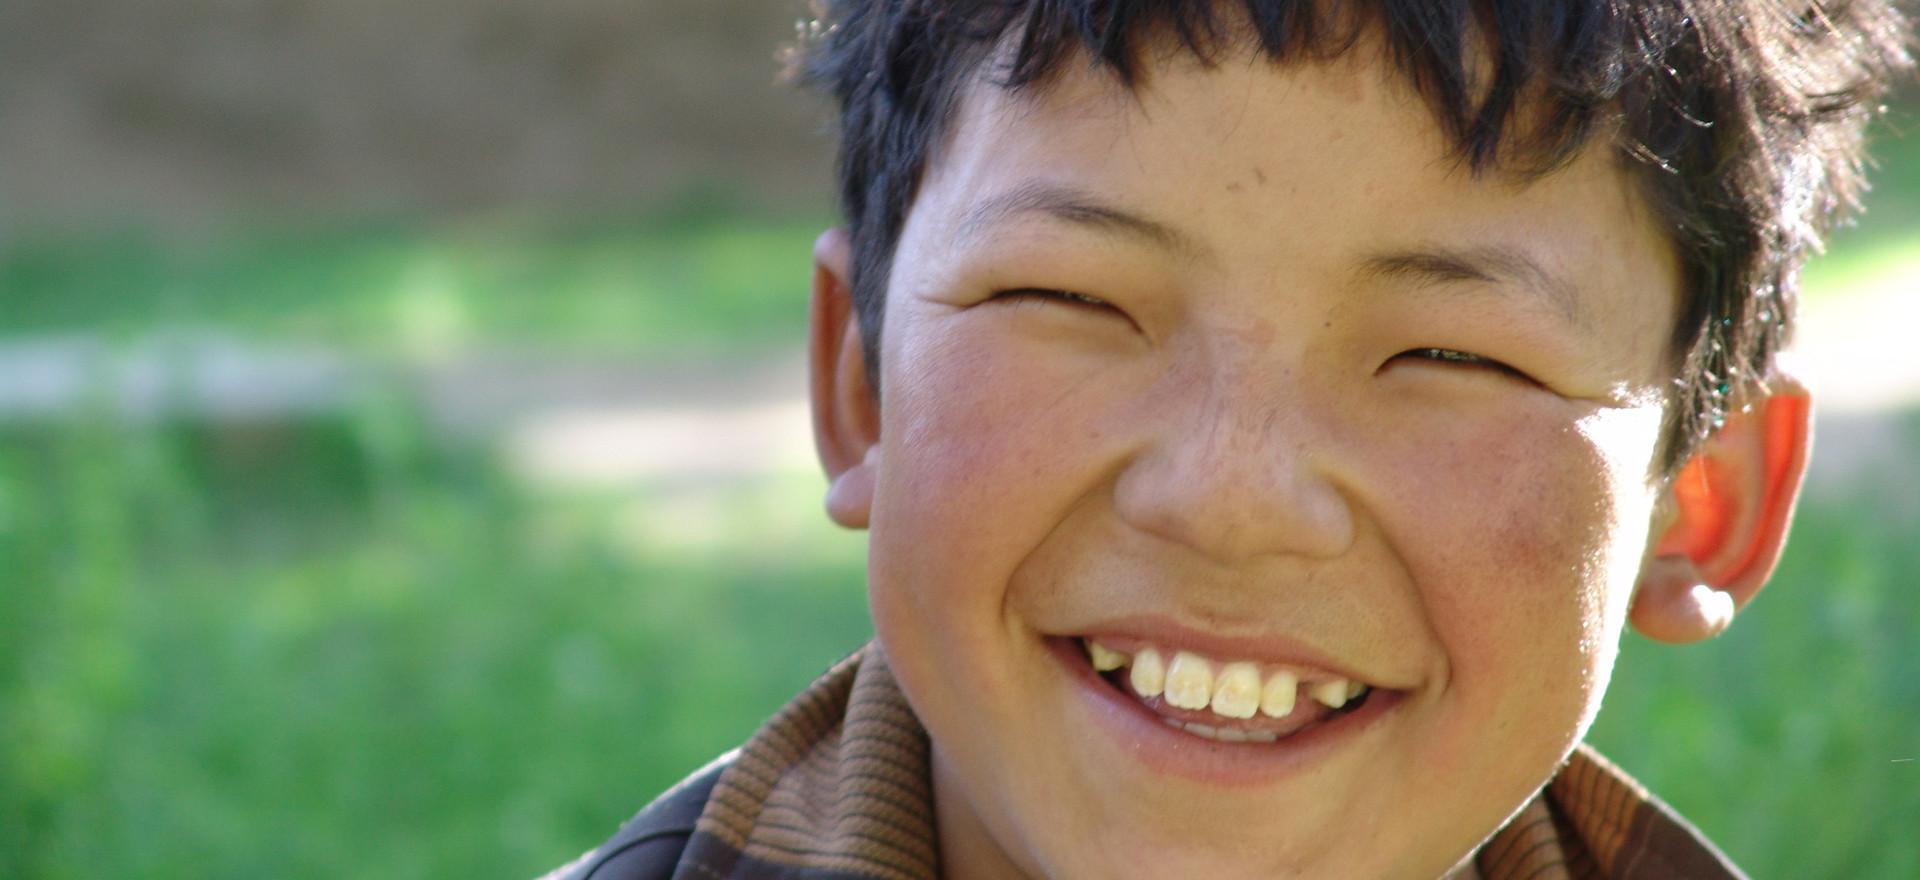 A Tibetan boy smiling.